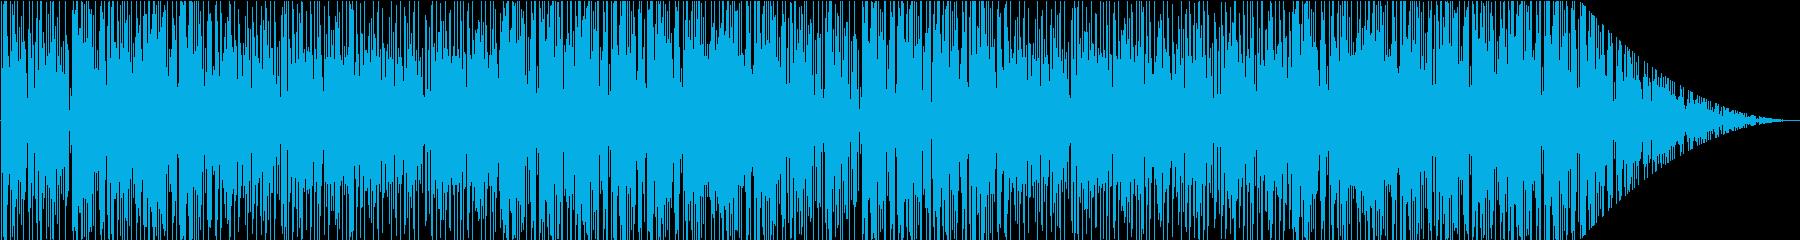 ゆったりともの悲しげなヒップホップの再生済みの波形